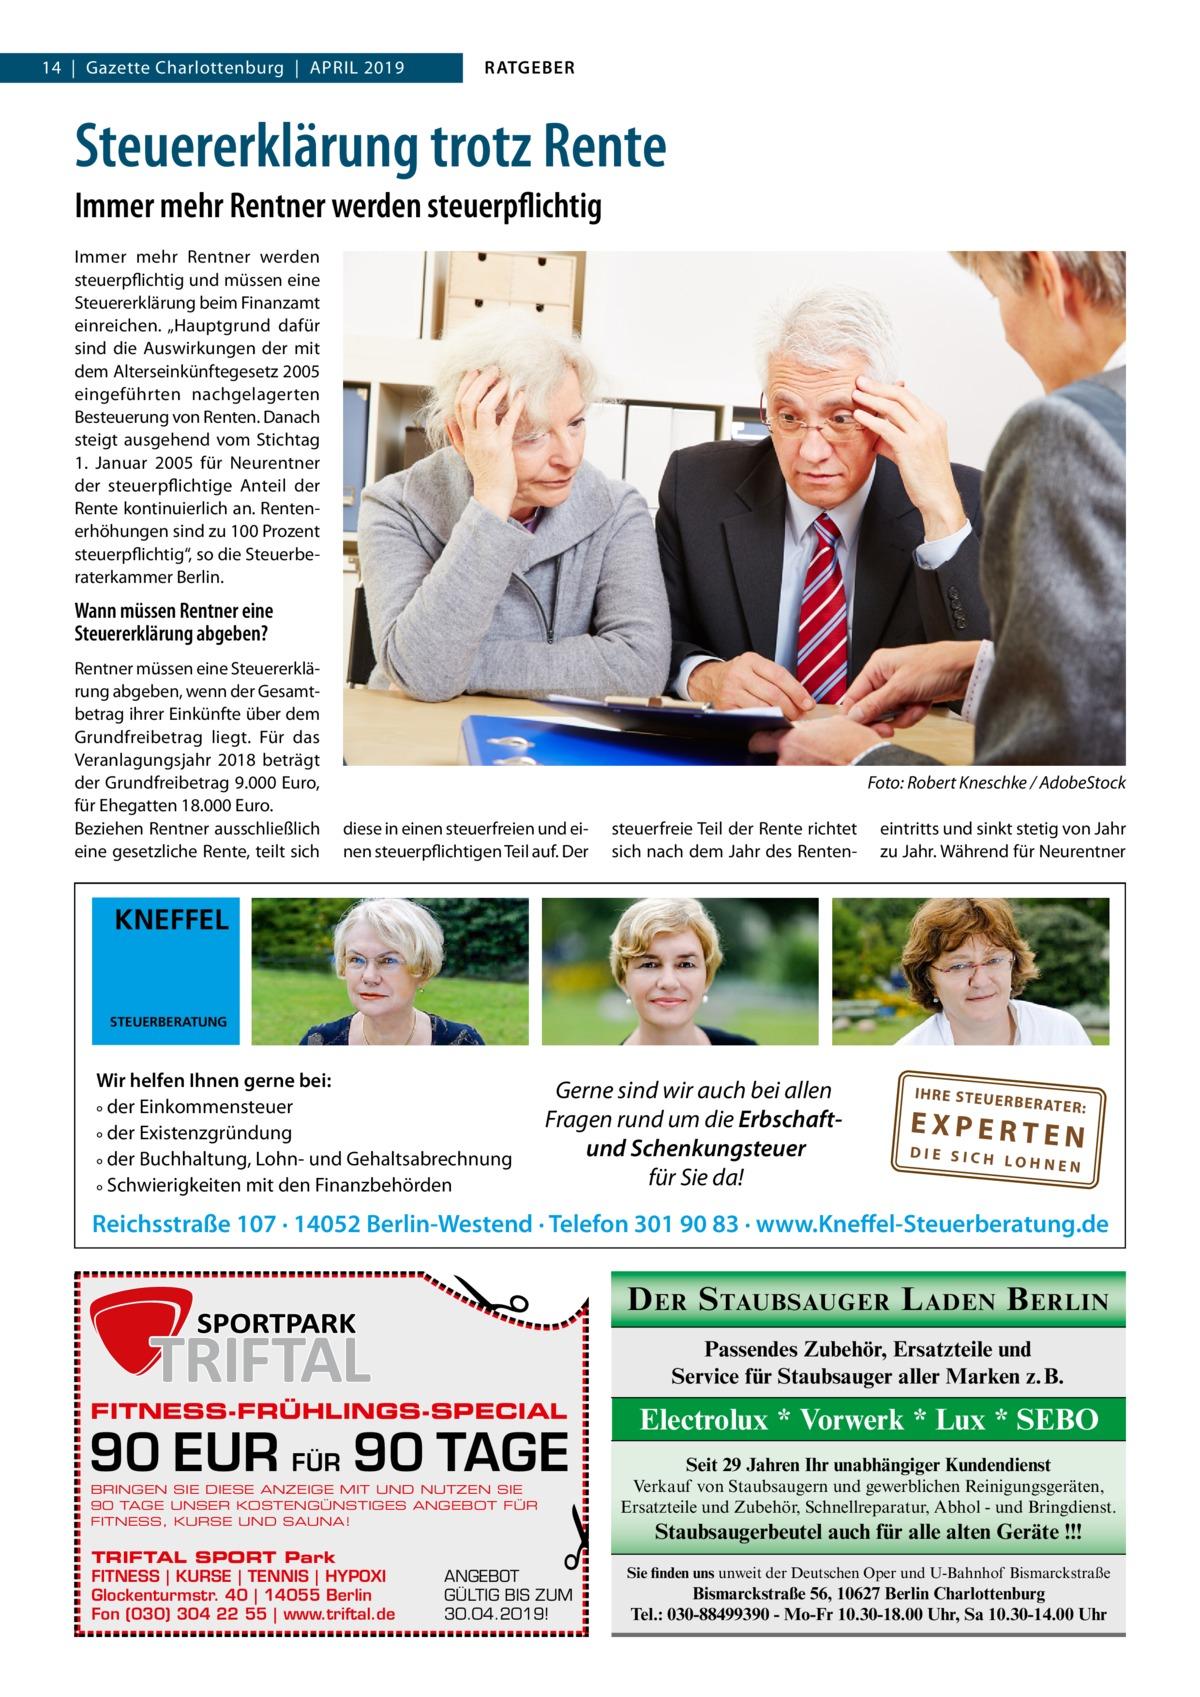 """14 Gazette Charlottenburg April 2019  RATGEBER  Steuererklärung trotz Rente Immer mehr Rentner werden steuerpflichtig Immer mehr Rentner werden steuerpflichtig und müssen eine Steuererklärung beim Finanzamt einreichen. """"Hauptgrund dafür sind die Auswirkungen der mit dem Alterseinkünftegesetz 2005 eingeführten nachgelagerten Besteuerung von Renten. Danach steigt ausgehend vom Stichtag 1. Januar 2005 für Neurentner der steuerpflichtige Anteil der Rente kontinuierlich an. Rentenerhöhungen sind zu 100Prozent steuerpflichtig"""", so die Steuerberaterkammer Berlin.  Wann müssen Rentner eine Steuererklärung abgeben? Rentner müssen eine Steuererklärung abgeben, wenn der Gesamtbetrag ihrer Einkünfte über dem Grundfreibetrag liegt. Für das Veranlagungsjahr 2018 beträgt der Grundfreibetrag 9.000Euro, für Ehegatten 18.000Euro. Beziehen Rentner ausschließlich eine gesetzliche Rente, teilt sich  �  Foto: Robert Kneschke / AdobeStock  diese in einen steuerfreien und einen steuerpflichtigen Teil auf. Der  steuerfreie Teil der Rente richtet sich nach dem Jahr des Renten eintritts und sinkt stetig von Jahr zu Jahr. Während für Neurentner  KNEFFEL  STEUERBERATUNG  Wir helfen Ihnen gerne bei: ° der Einkommensteuer ° der Existenzgründung ° der Buchhaltung, Lohn- und Gehaltsabrechnung ° Schwierigkeiten mit den Finanzbehörden  Gerne sind wir auch bei allen Fragen rund um die Erbschaftund Schenkungsteuer für Sie da!  IH RE ST EU ER BE RATE R:  EXPERTEN  DIE SICH LOHNEN  �  Reichsstraße 107 · 14052 Berlin-Westend · Telefon 301 90 83 · www.Kneffel-Steuerberatung.de  D ER S TAUBSAUGER L ADEN B ERLIN Passendes Zubehör, Ersatzteile und Service für Staubsauger aller Marken z. B.  FITNESS-FRÜHLINGS-SPECIAL  90 EUR FÜR 90 TAGE BRINGEN SIE DIESE ANZEIGE MIT UND NUTZEN SIE 90 TAGE UNSER KOSTENGÜNSTIGES ANGEBOT FÜR FITNESS, KURSE UND SAUNA!  TRIFTAL SPORT Park FITNESS   KURSE   TENNIS   HYPOXI Glockenturmstr. 40   14055 Berlin Fon (030) 304 22 55   www.triftal.de  �  ANGEBOT GÜLTIG BIS ZUM 30.04.2019!  """